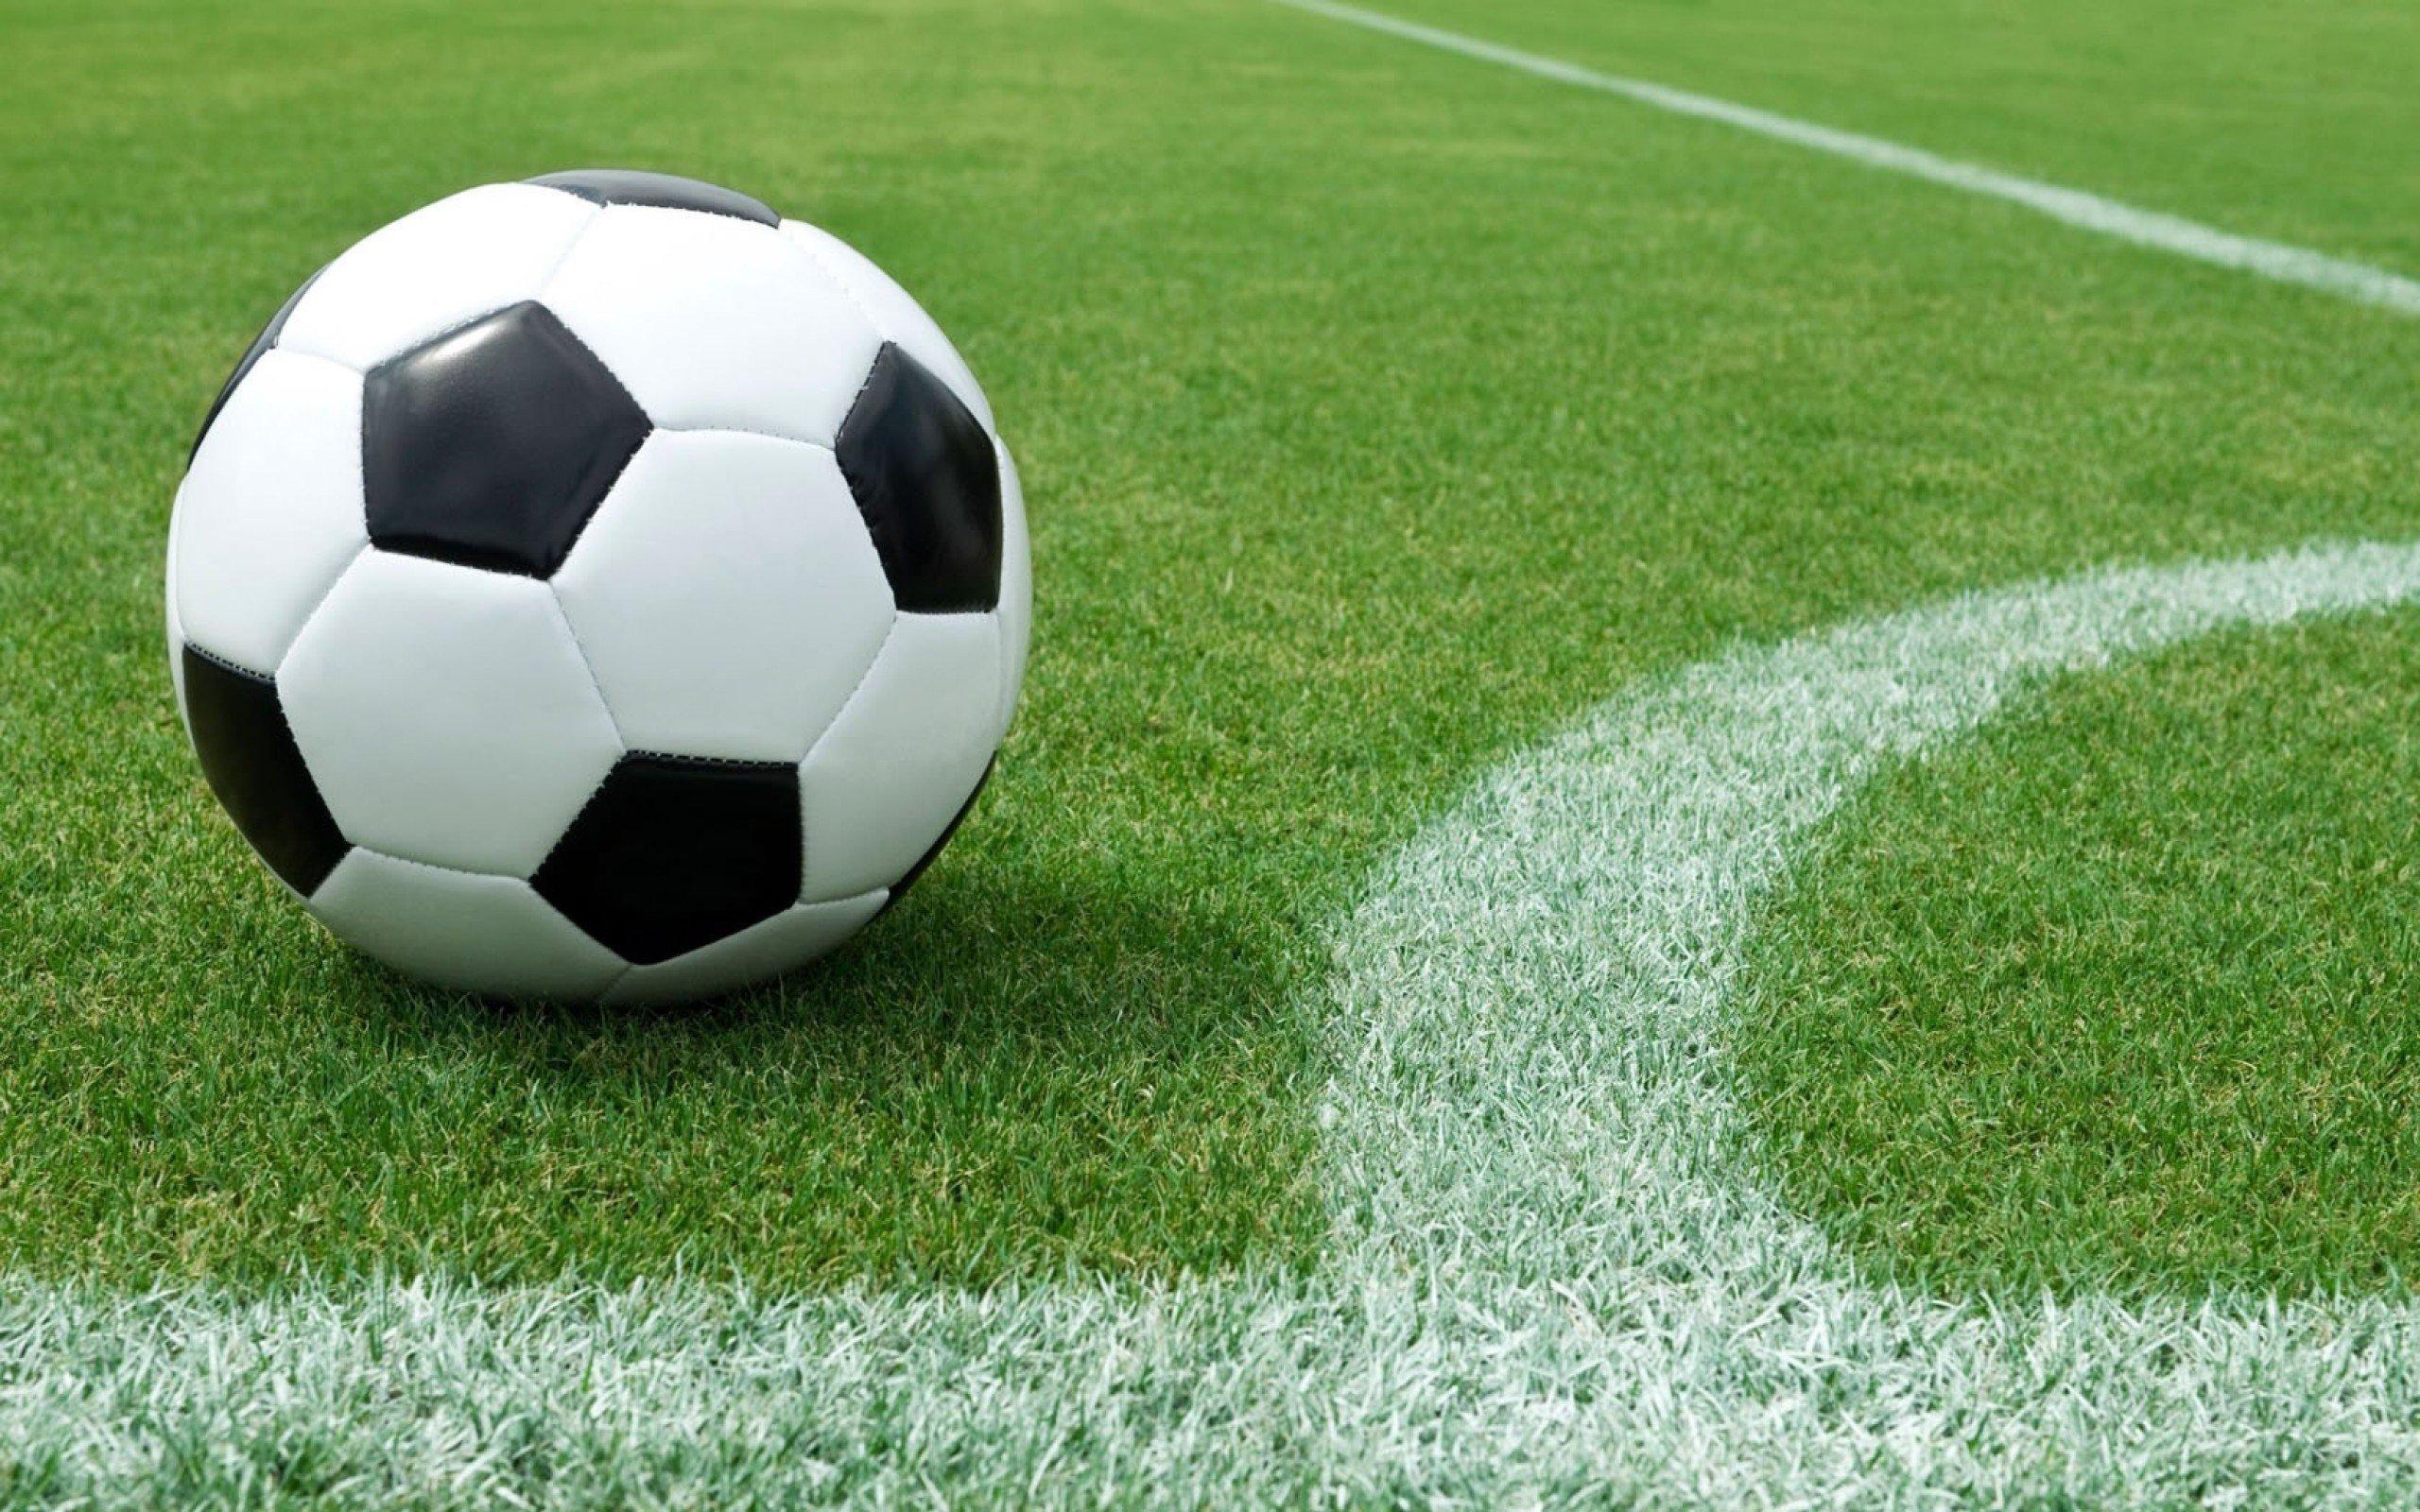 «Estamos trabajando para habilitar el deporte en conjunto, entre ellos el fútbol, pero no hay una fecha definida», dijo Ceferino Almudevar